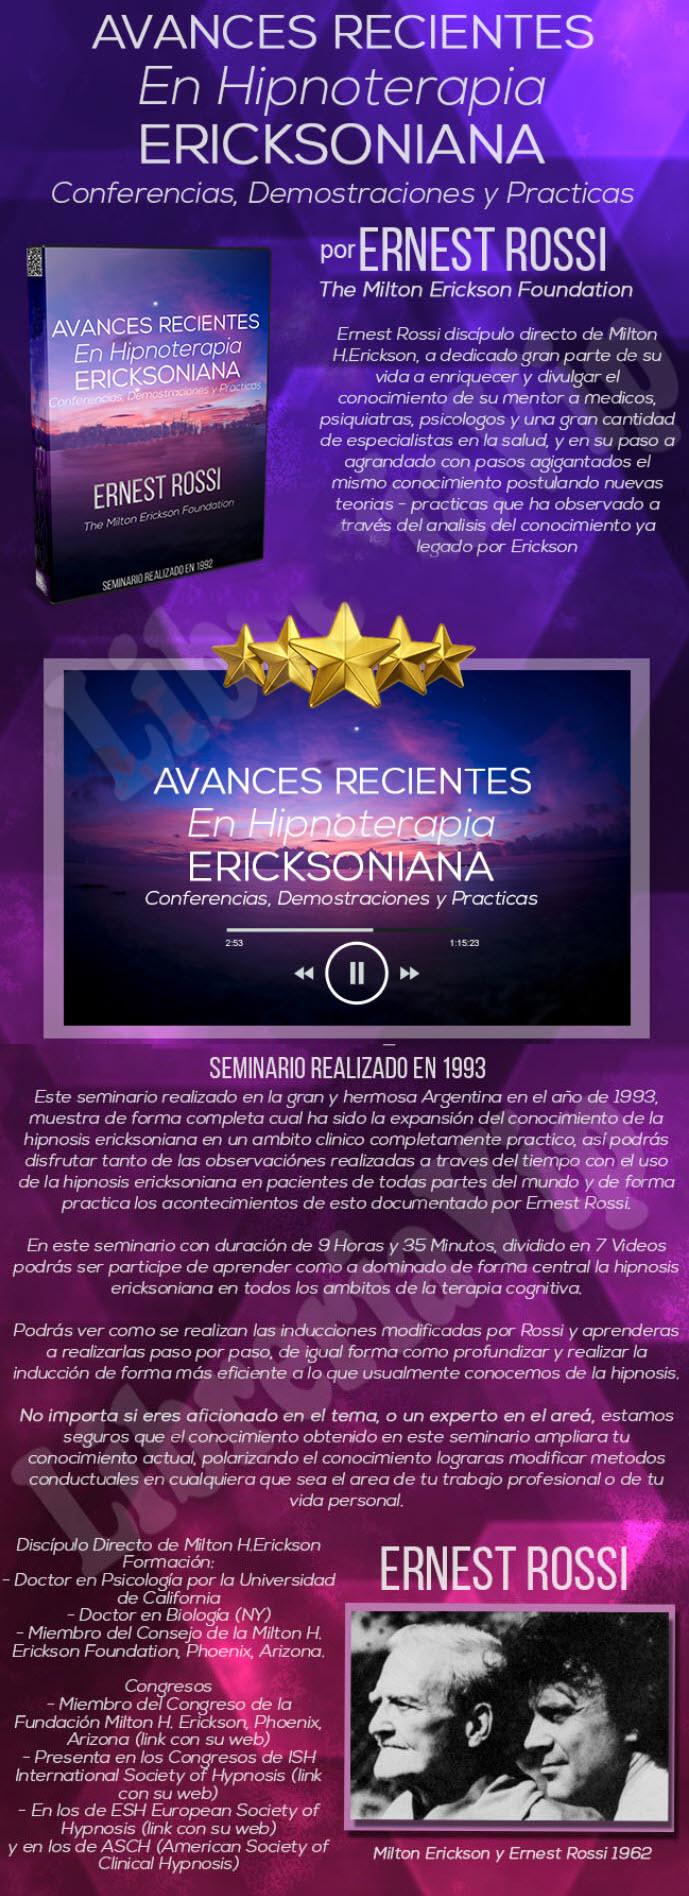 Avances Recientes en HIpnosis Ericksoniana